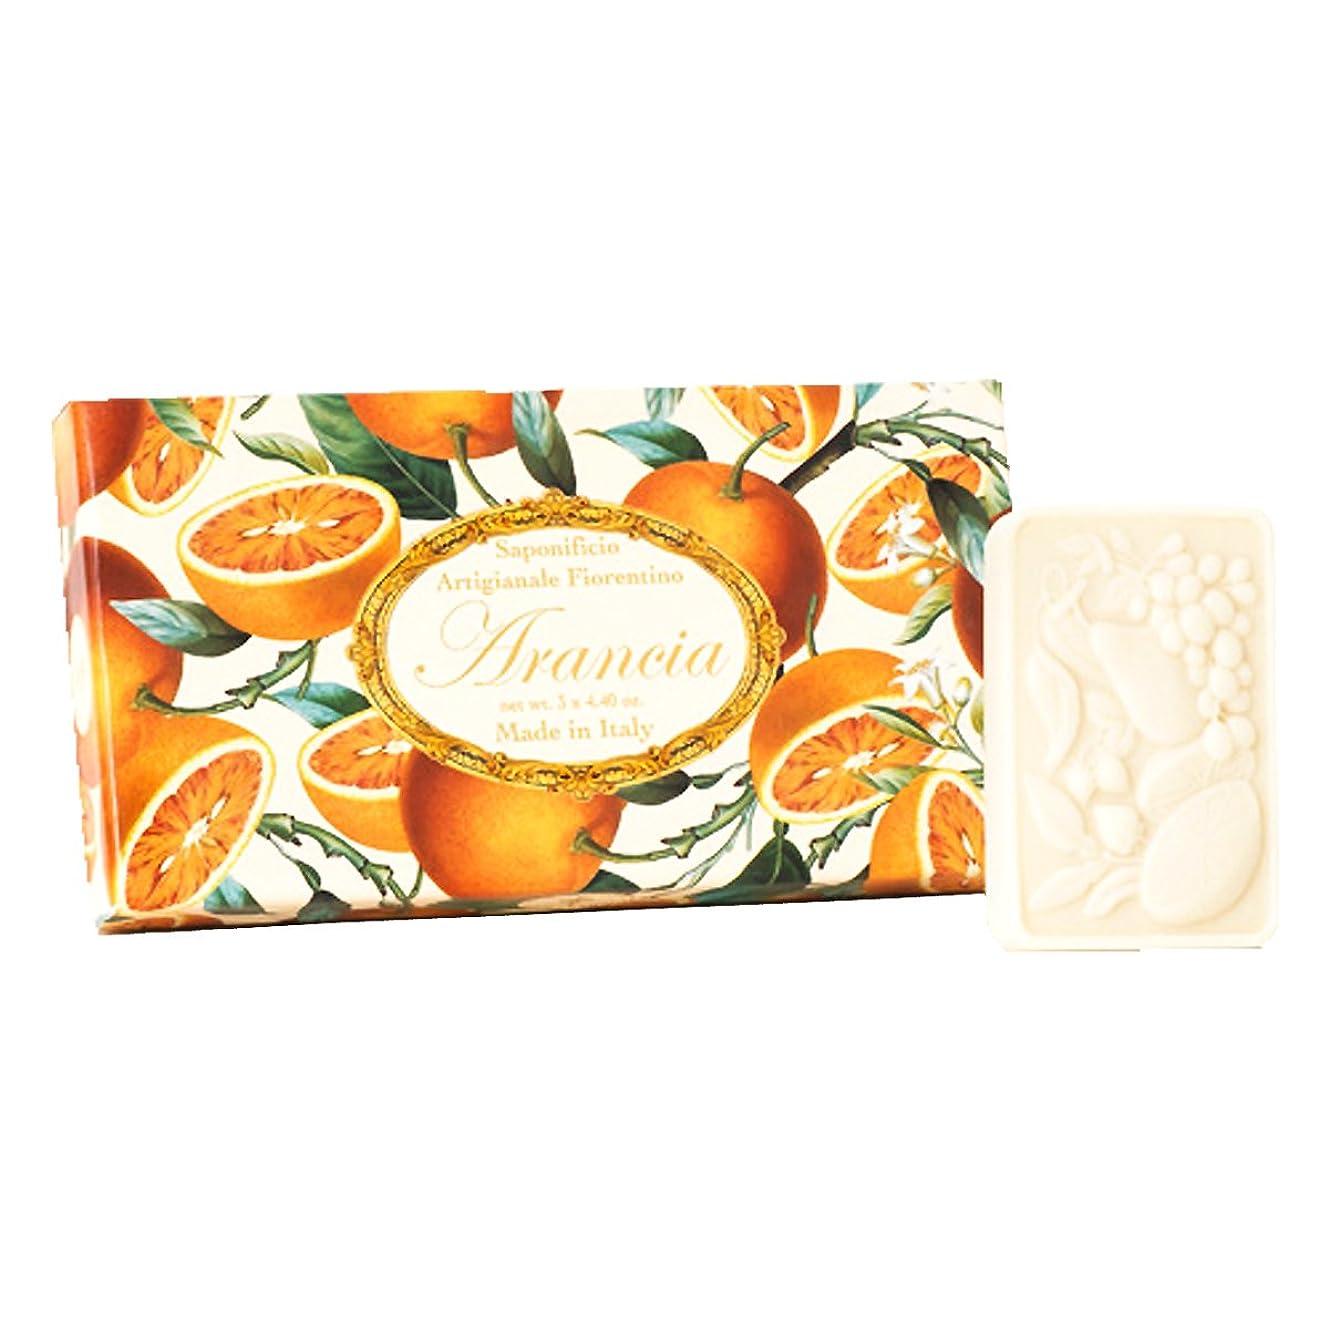 割れ目コスチューム圧倒するフィレンツェの 長い歴史から生まれたこだわり石鹸 オレンジ【刻印125g×3個セット】